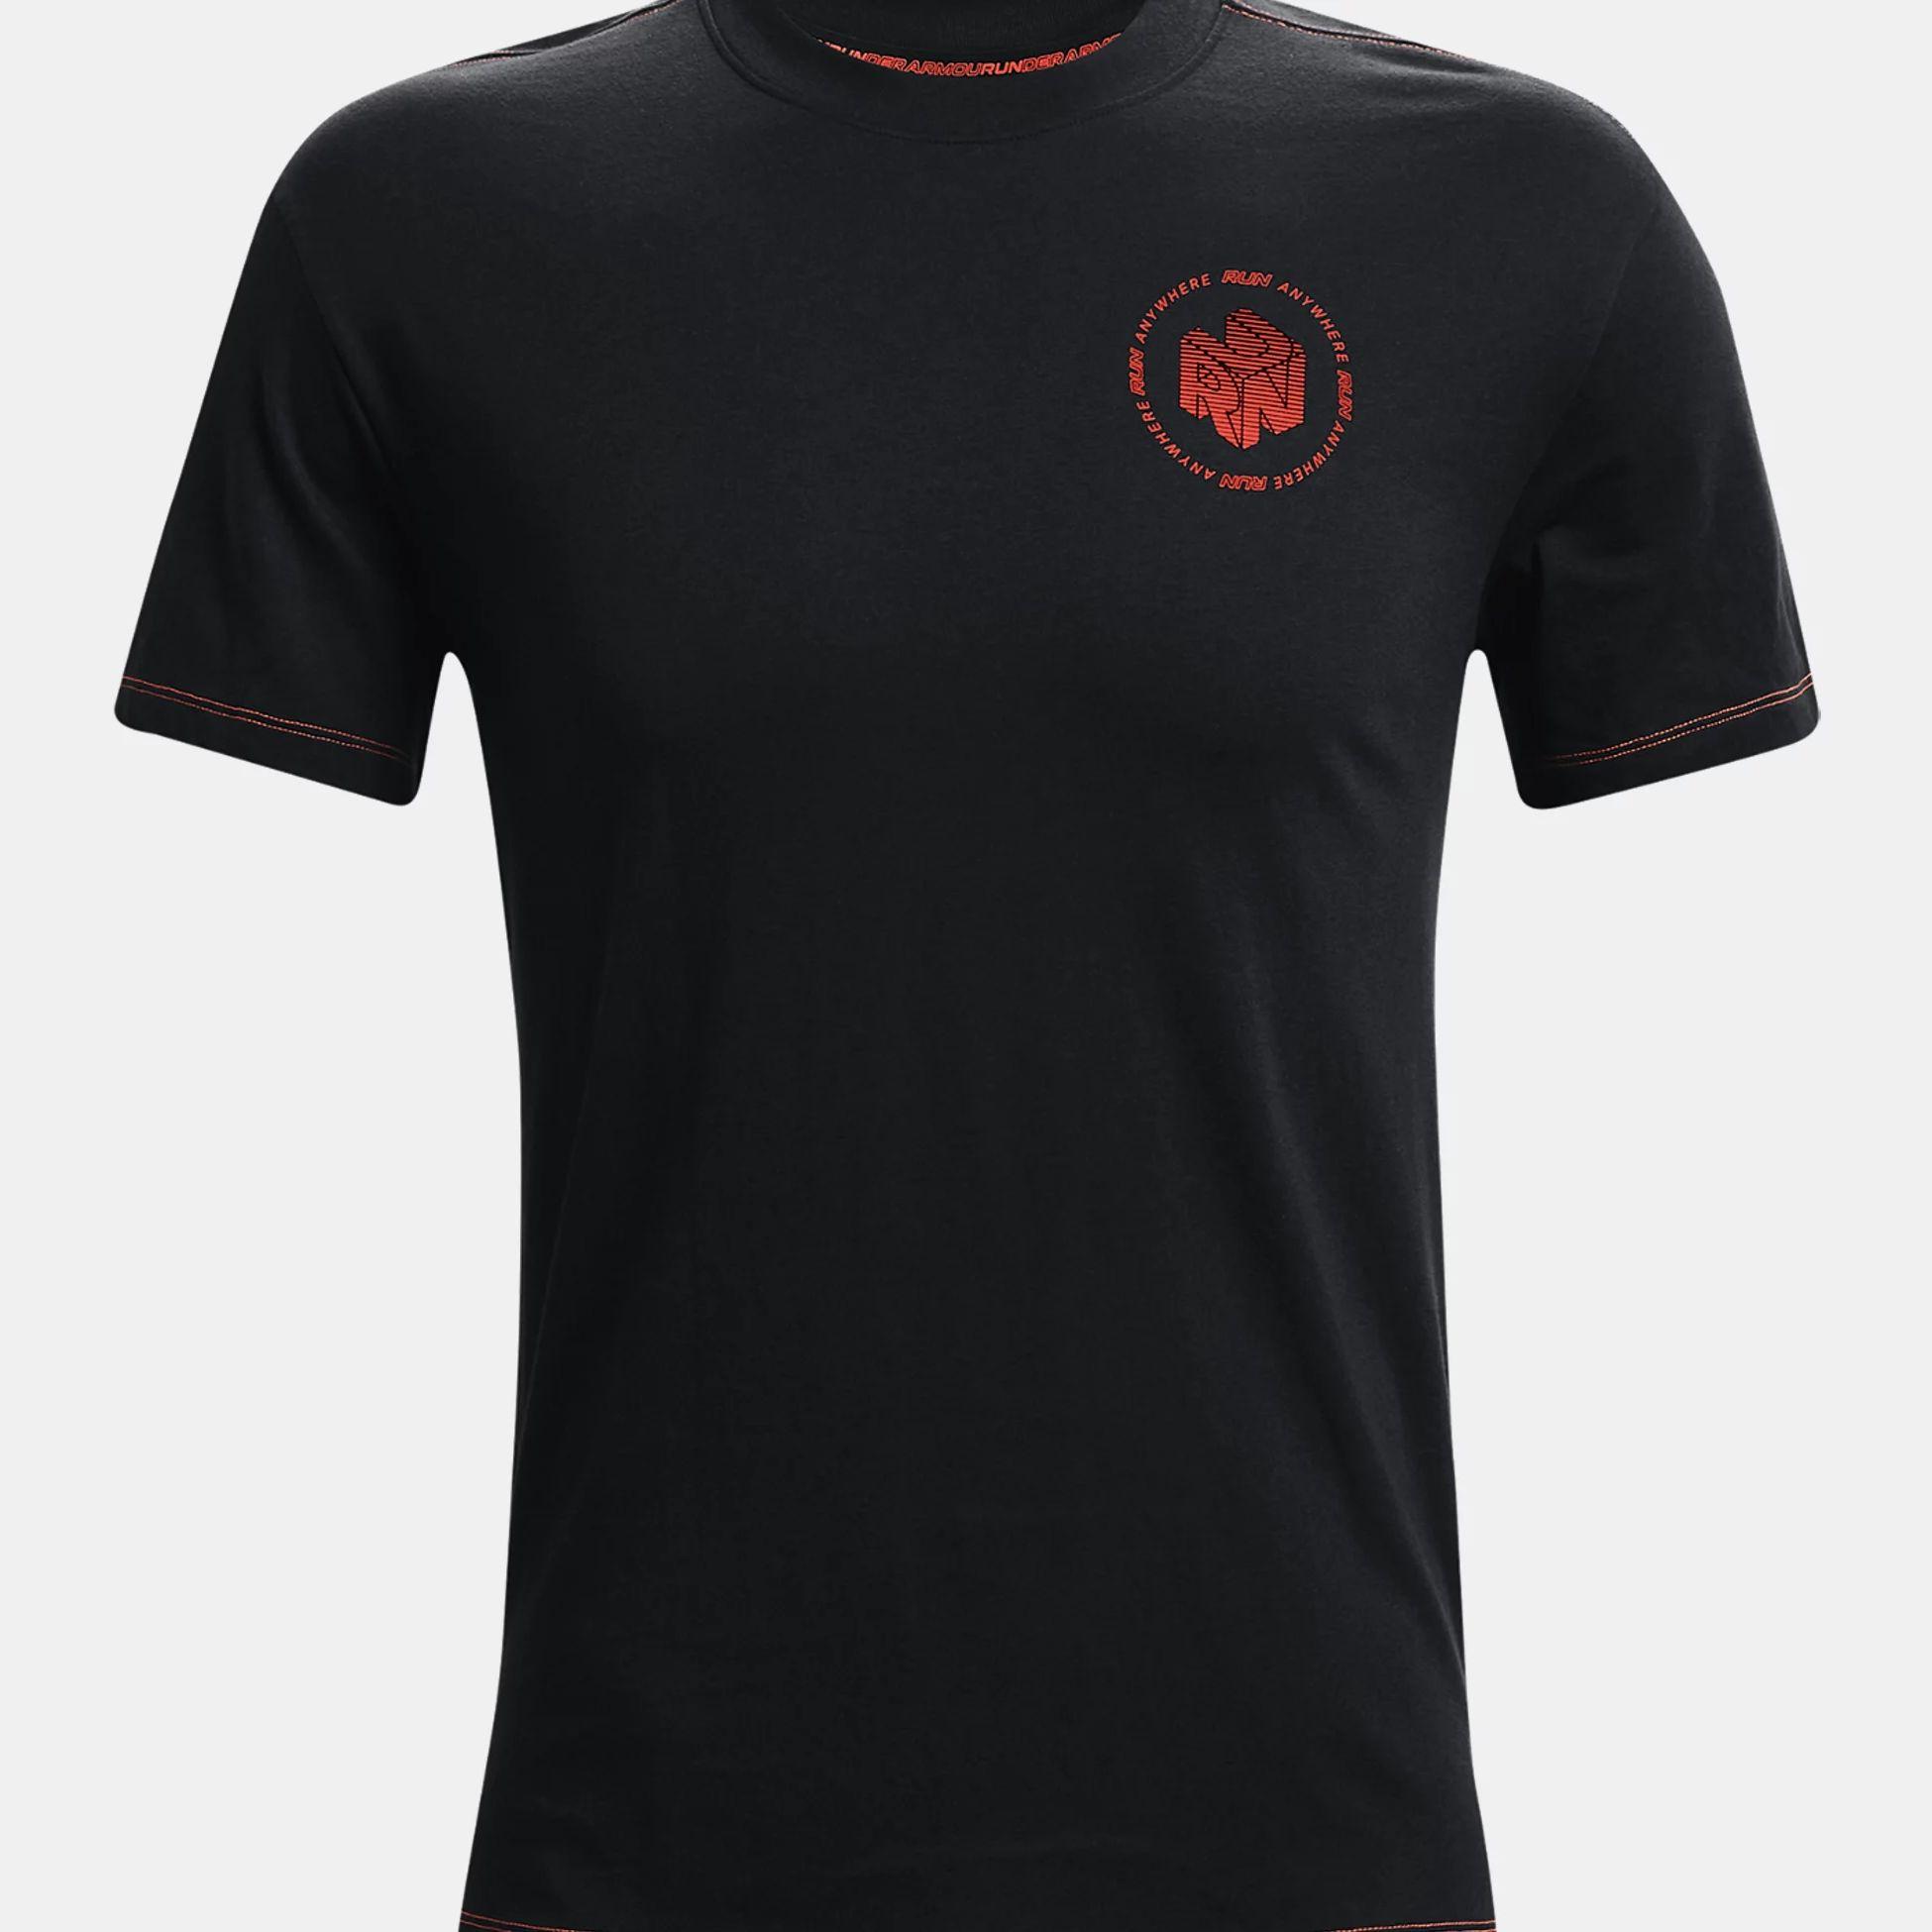 Clothing -  under armour UA Run Anywhere Short Sleeve